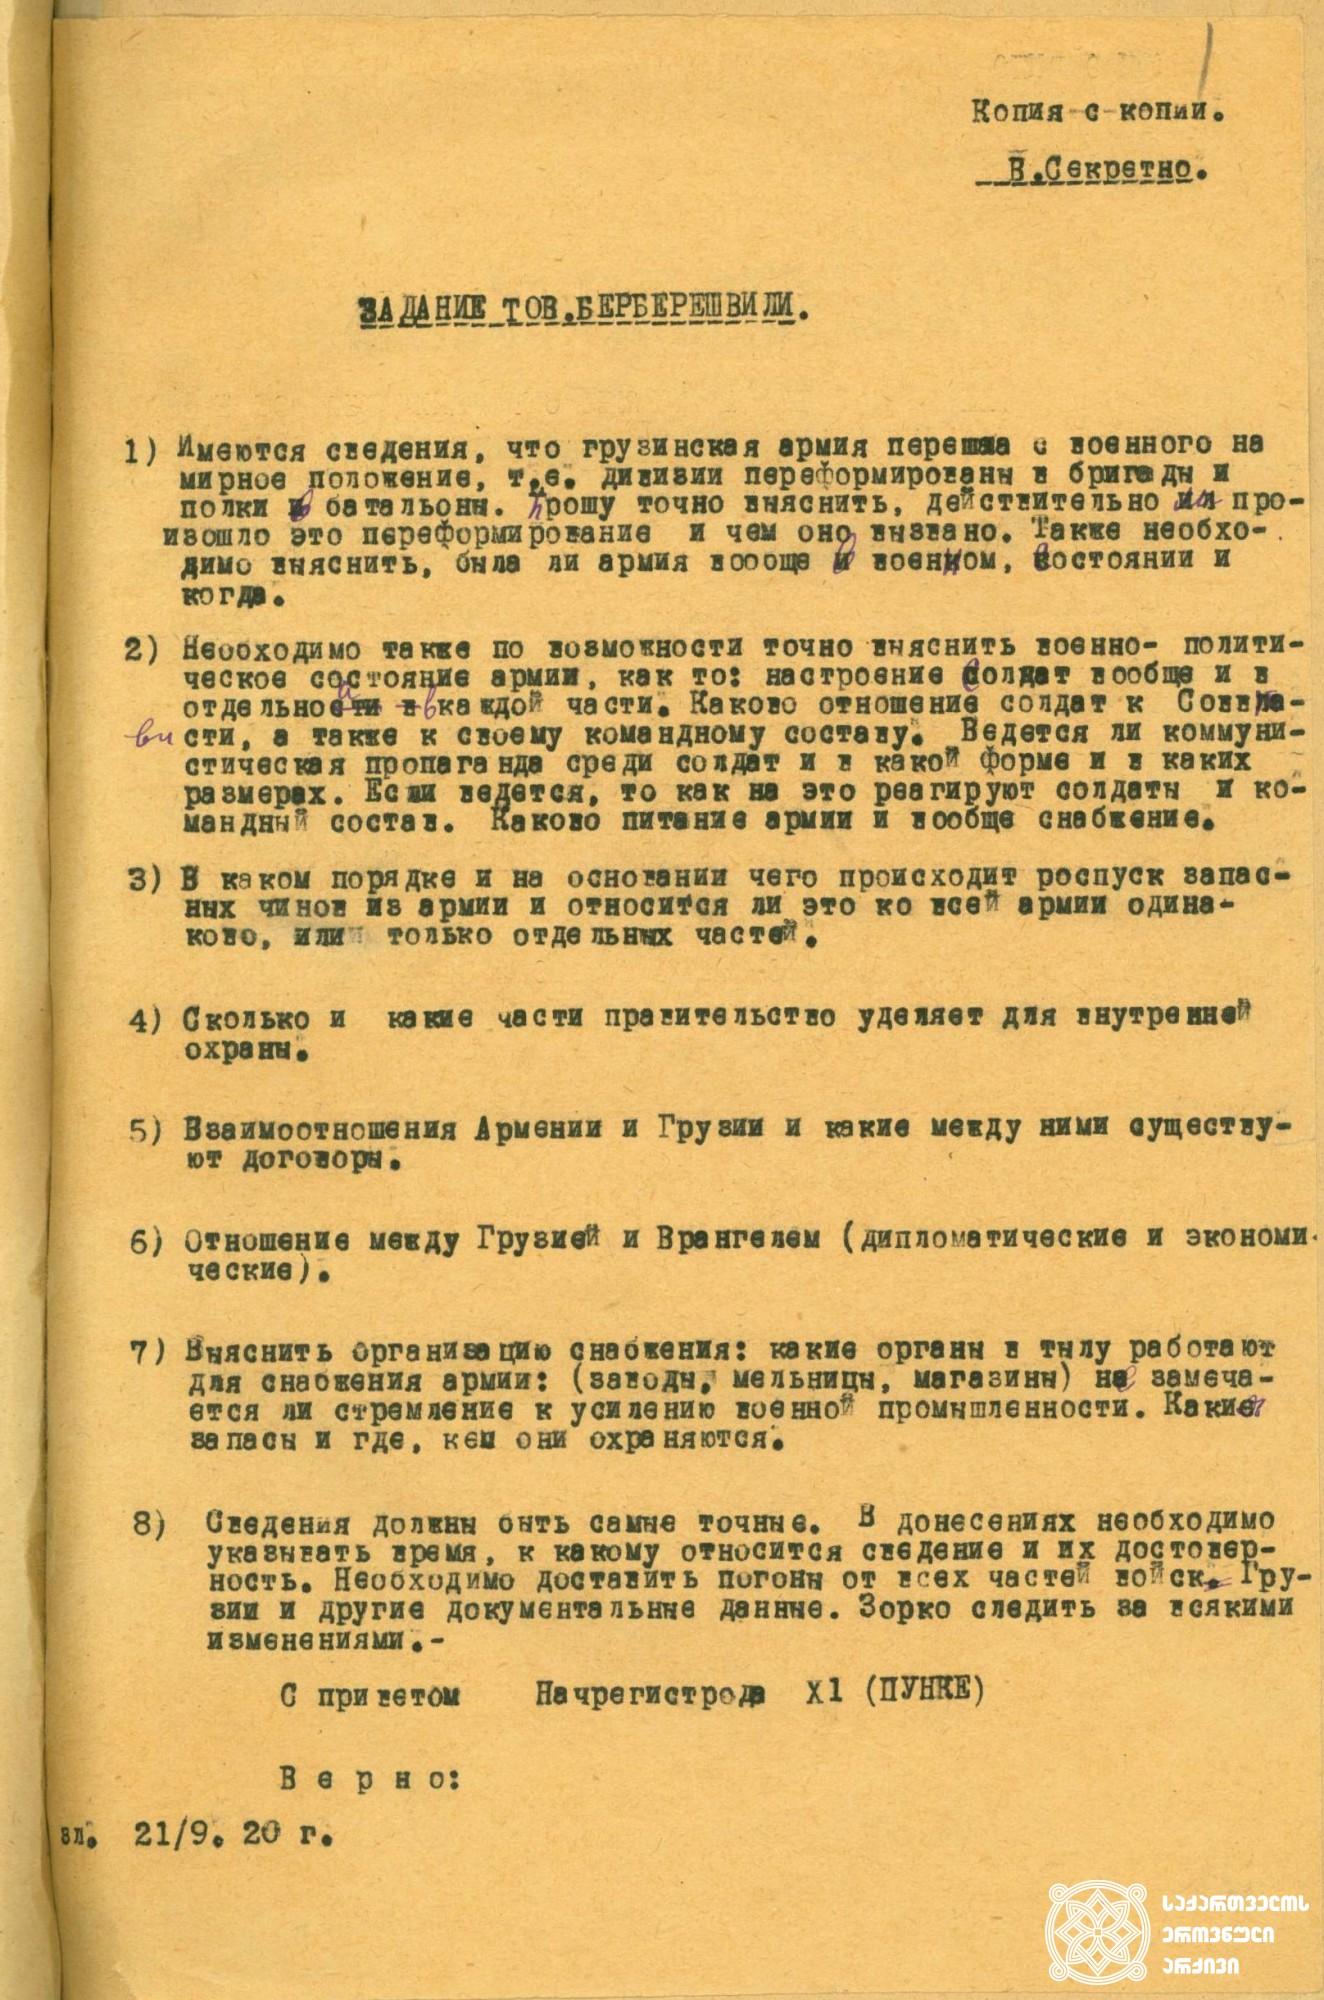 რუსული დაზვერვის დავალება ამხანაგ ბერბერაშვილს -  ქართული არმიის შესახებ ინფორმაციის მოპოვებასთან დაკავშირებით. <br> 1920 წლის 21 სექტემბერი. <br> Russian intelligence service tasked Comrade Berberashvili to obtain information about the Georgian army. <br> September 21, 1920.